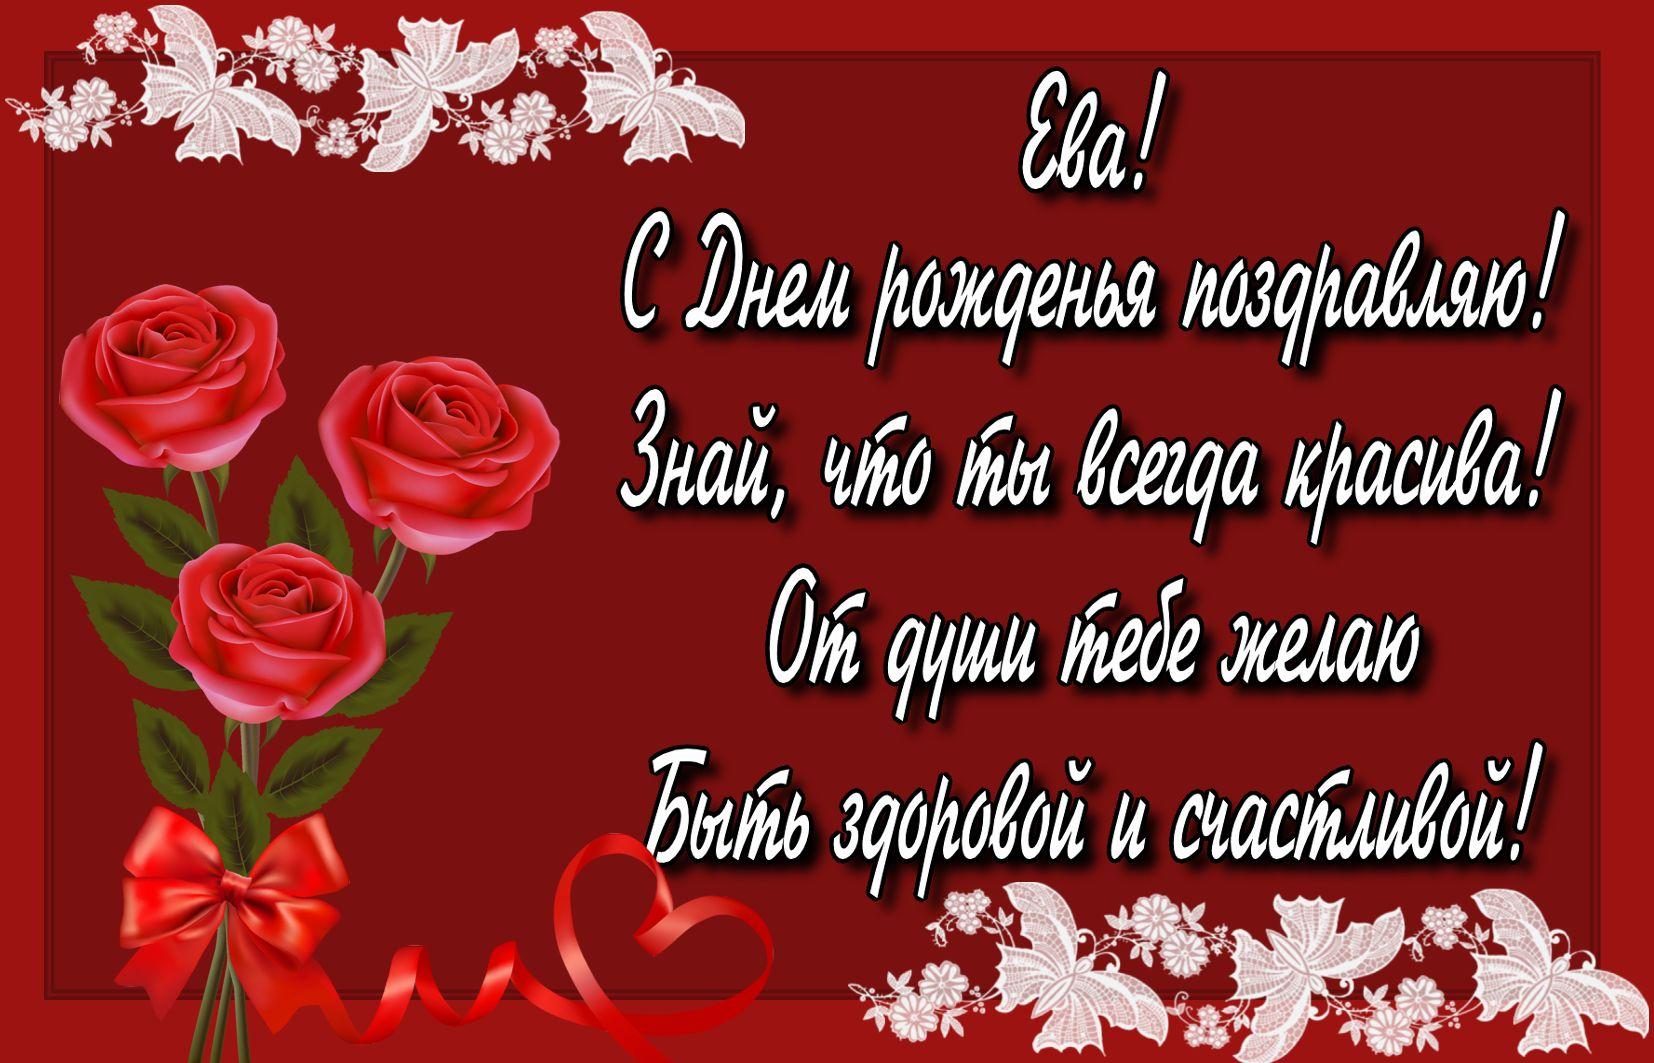 Открытка с поздравлением на красном фоне Еве на День рождения